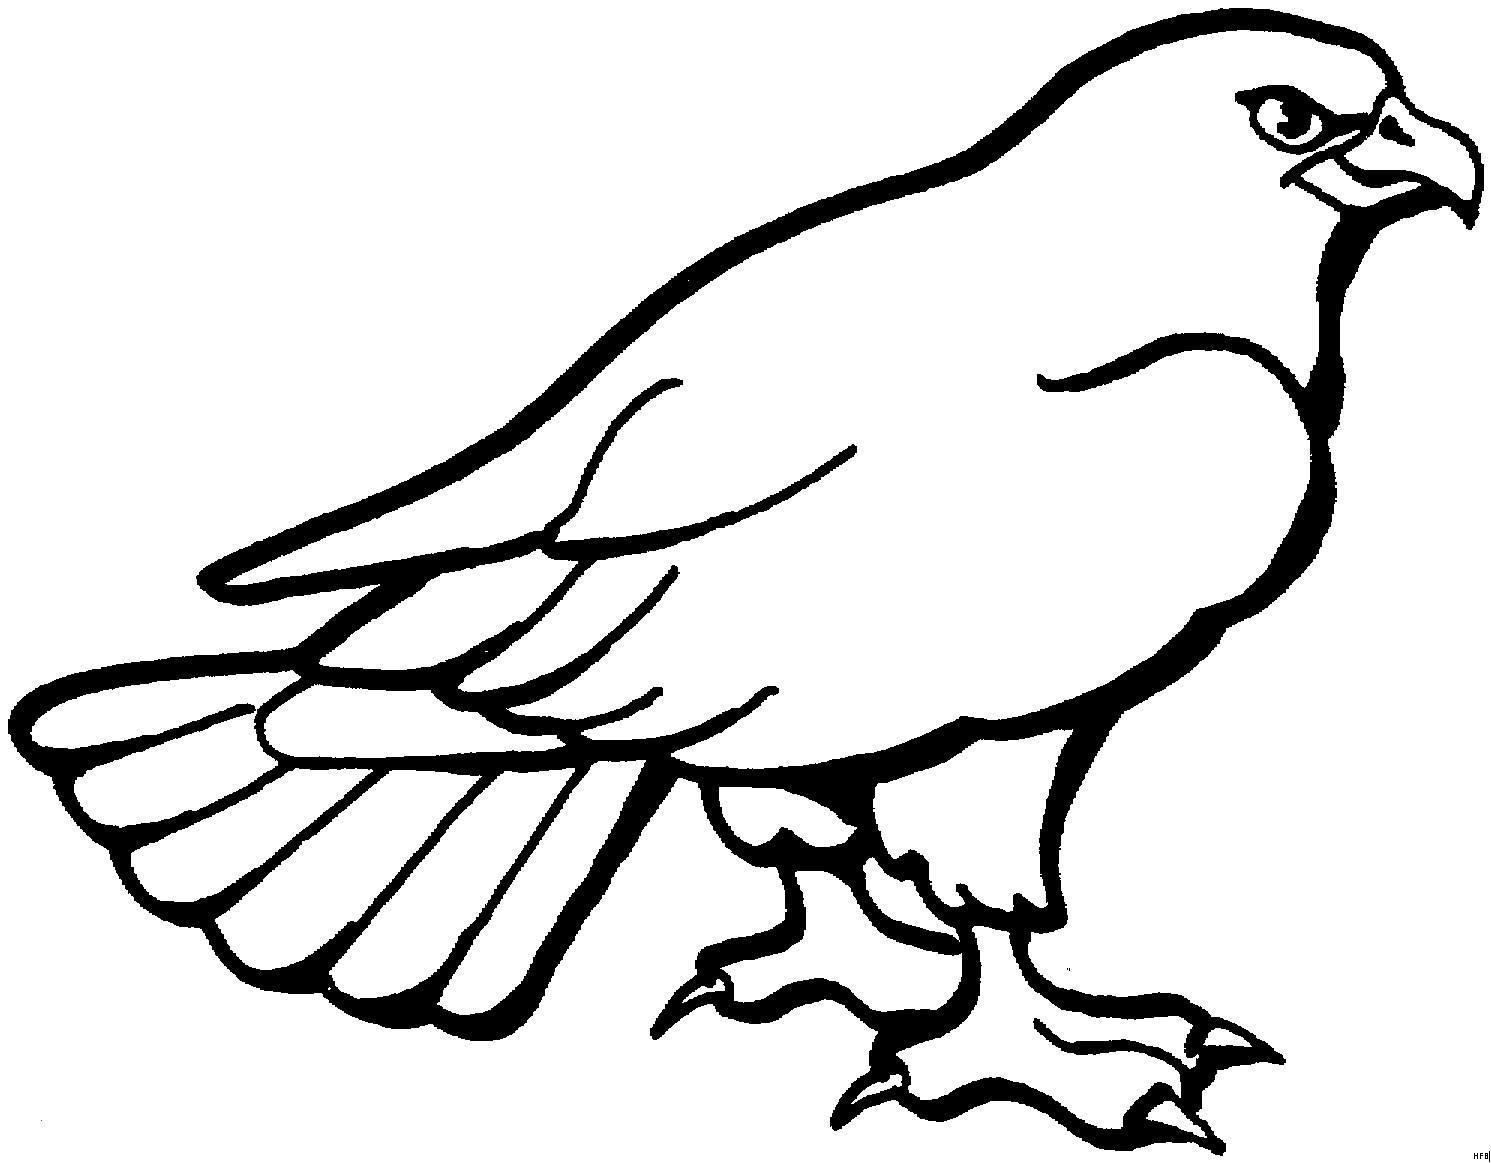 Adler Zeichnungen Zum Ausmalen Frisch 44 Elegant Ausmalbilder Adler Malvorlagen Sammlungen Stock